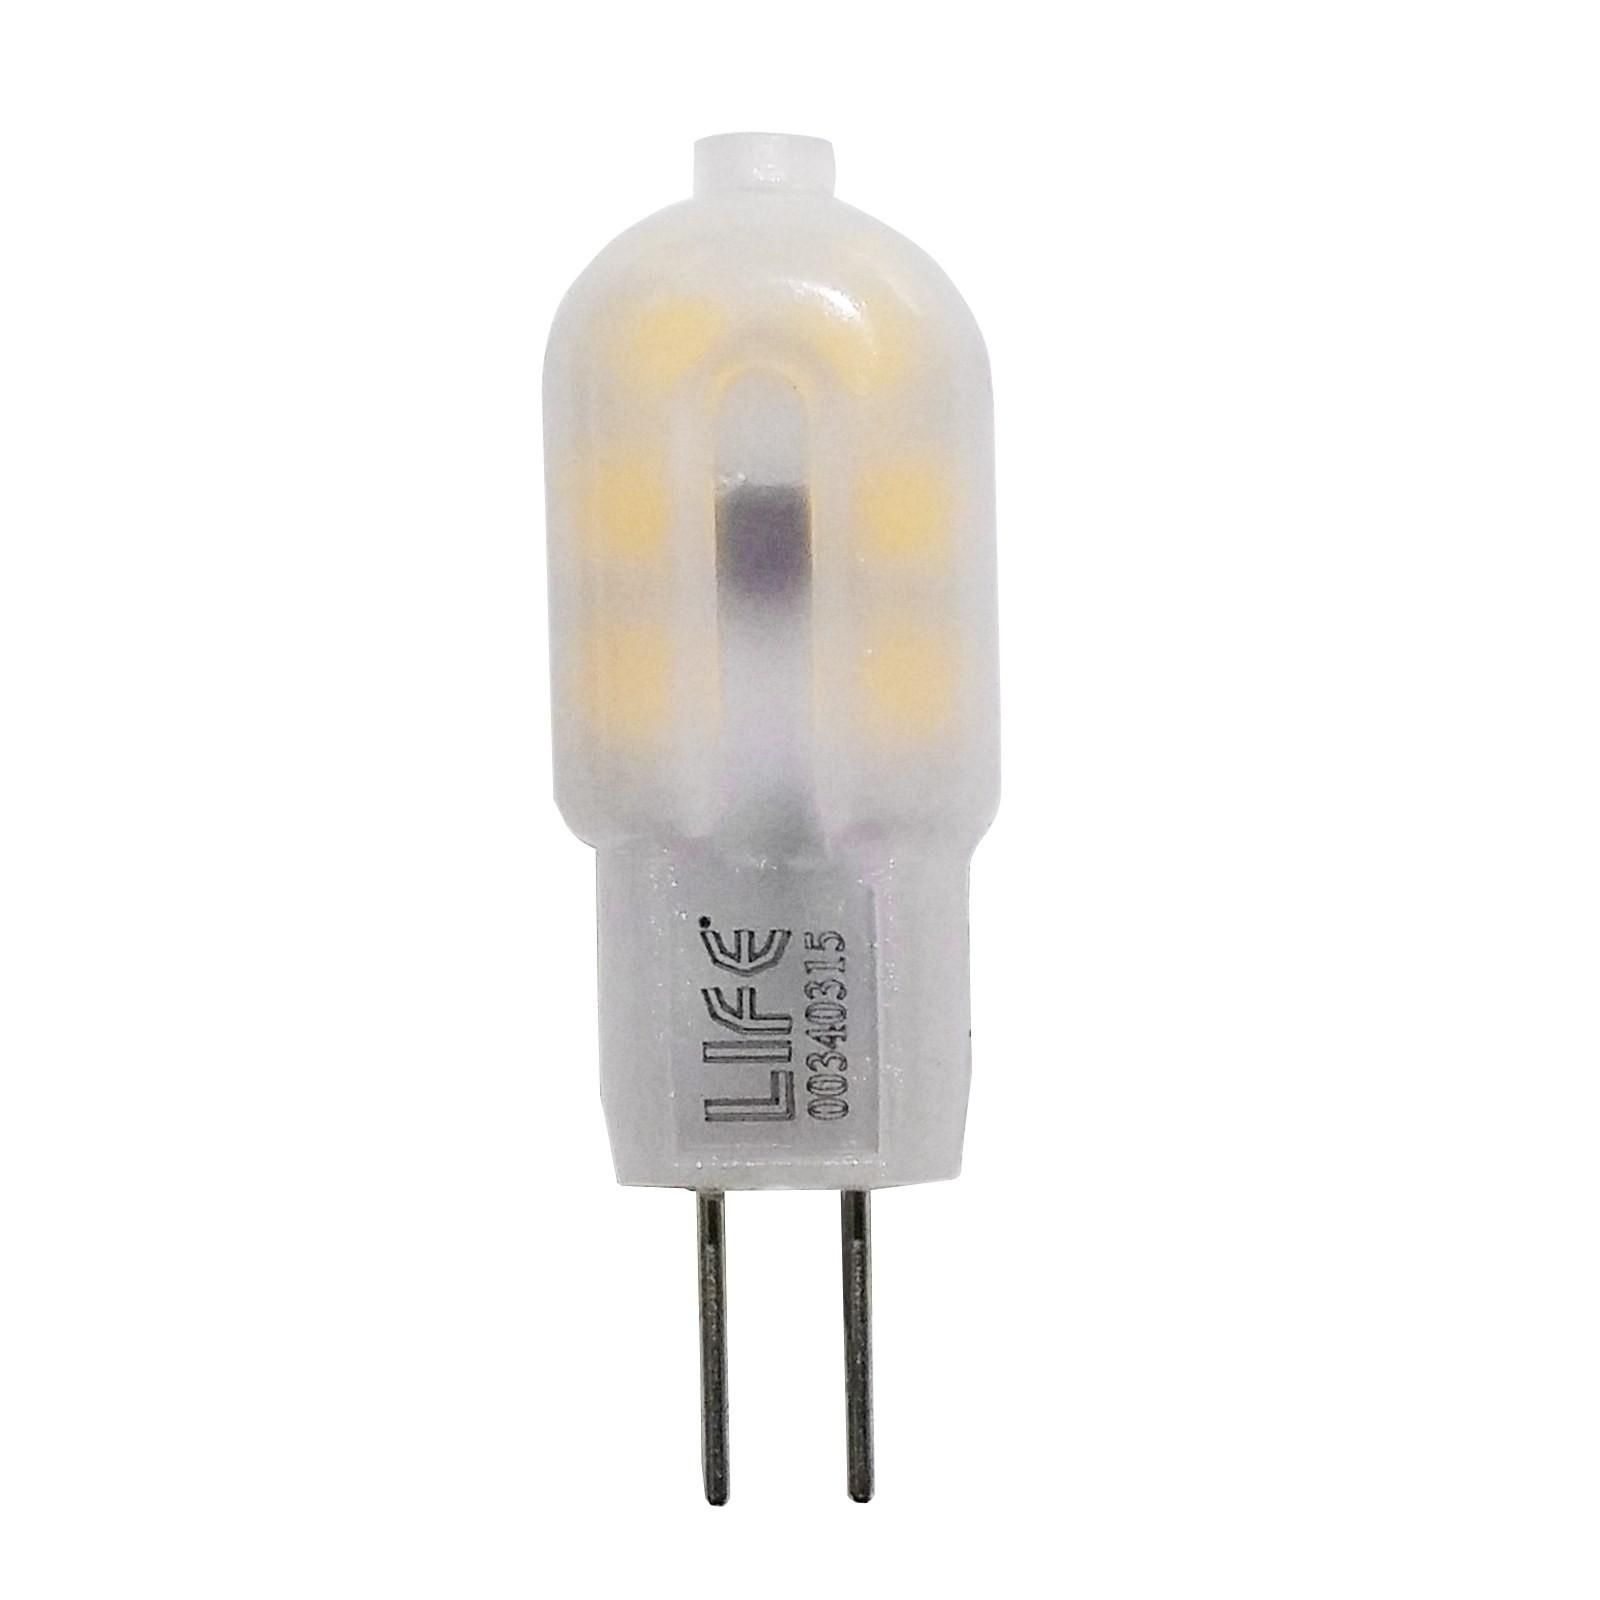 Lampada lampadina g4 1 5 w led smd luce bianco caldo per for Lampada led